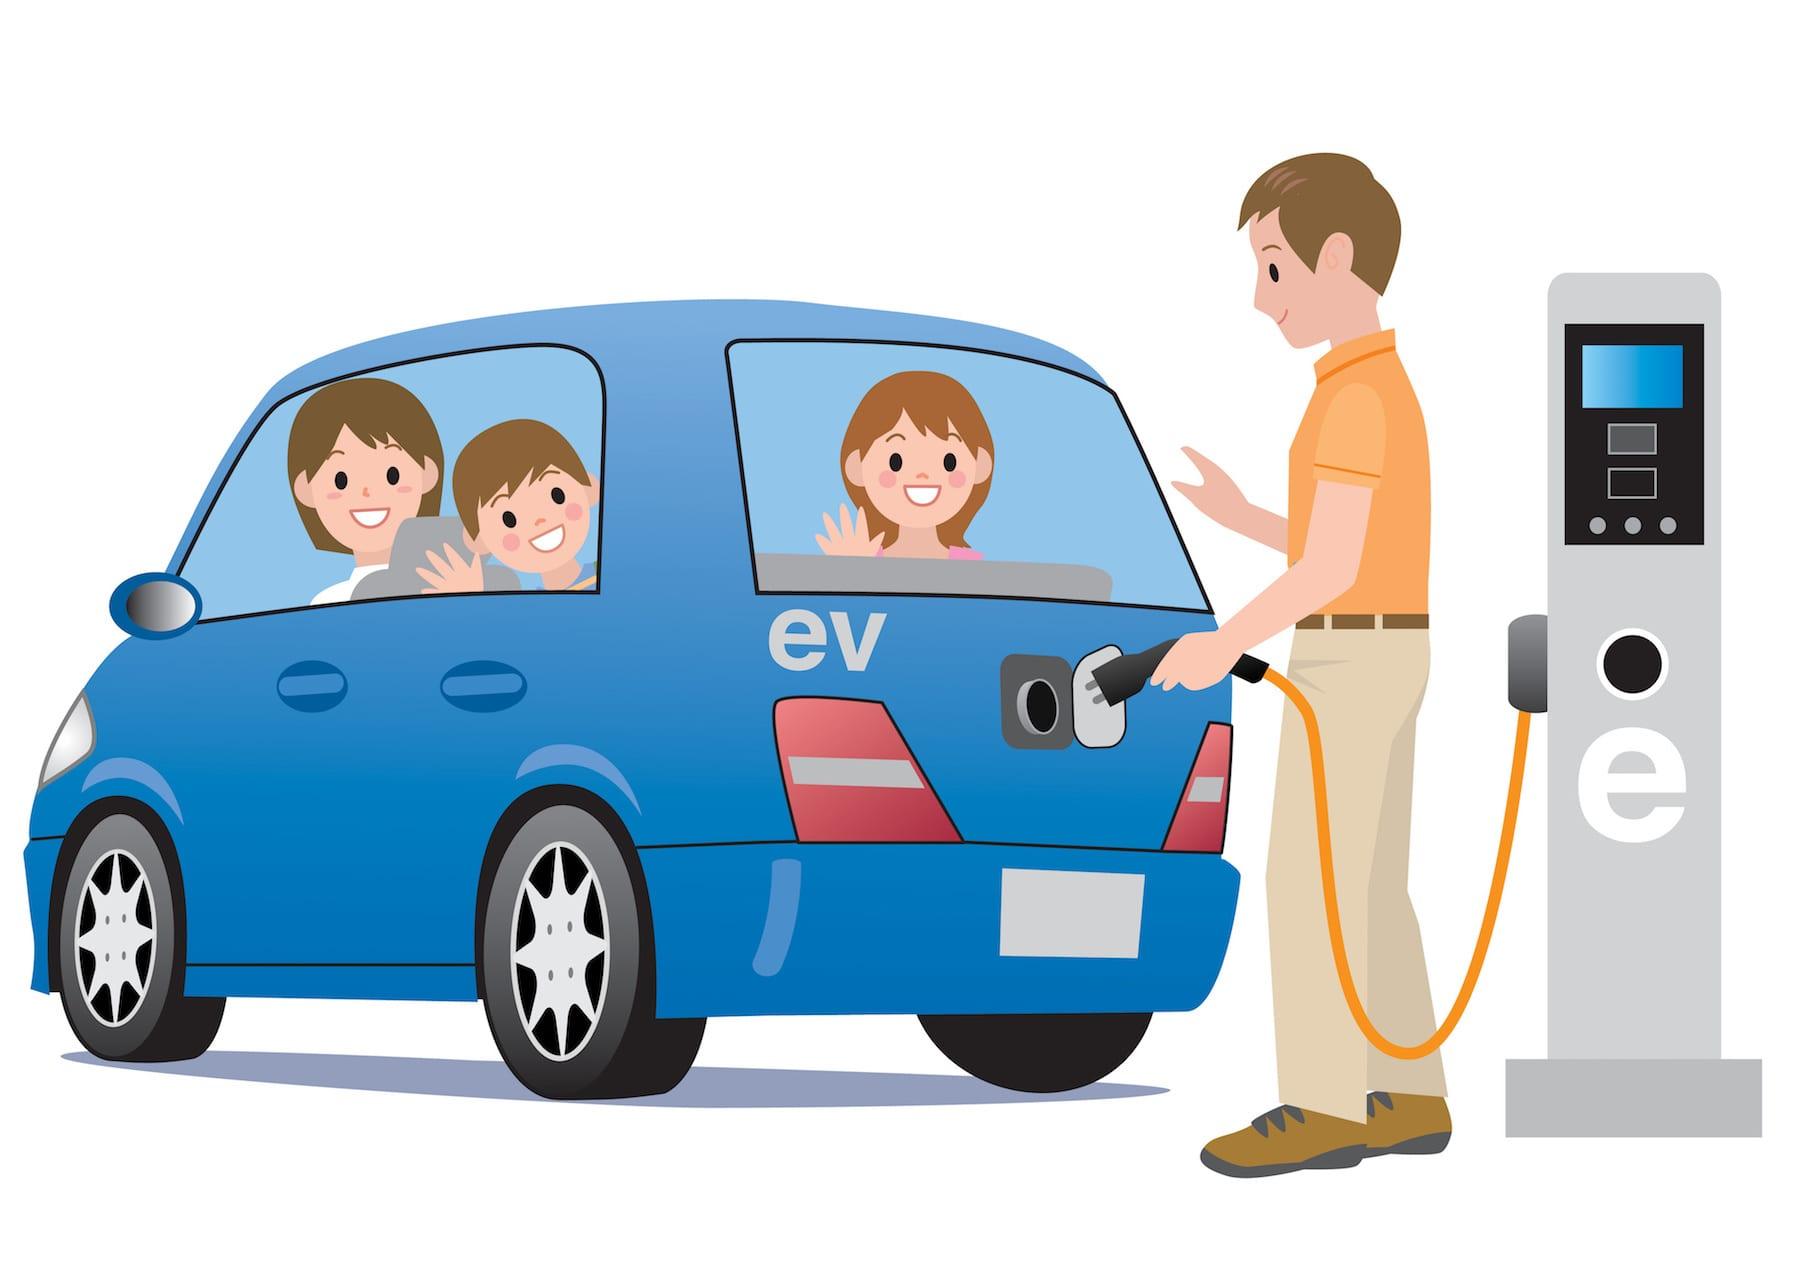 軽自動車クラスの電気自動車